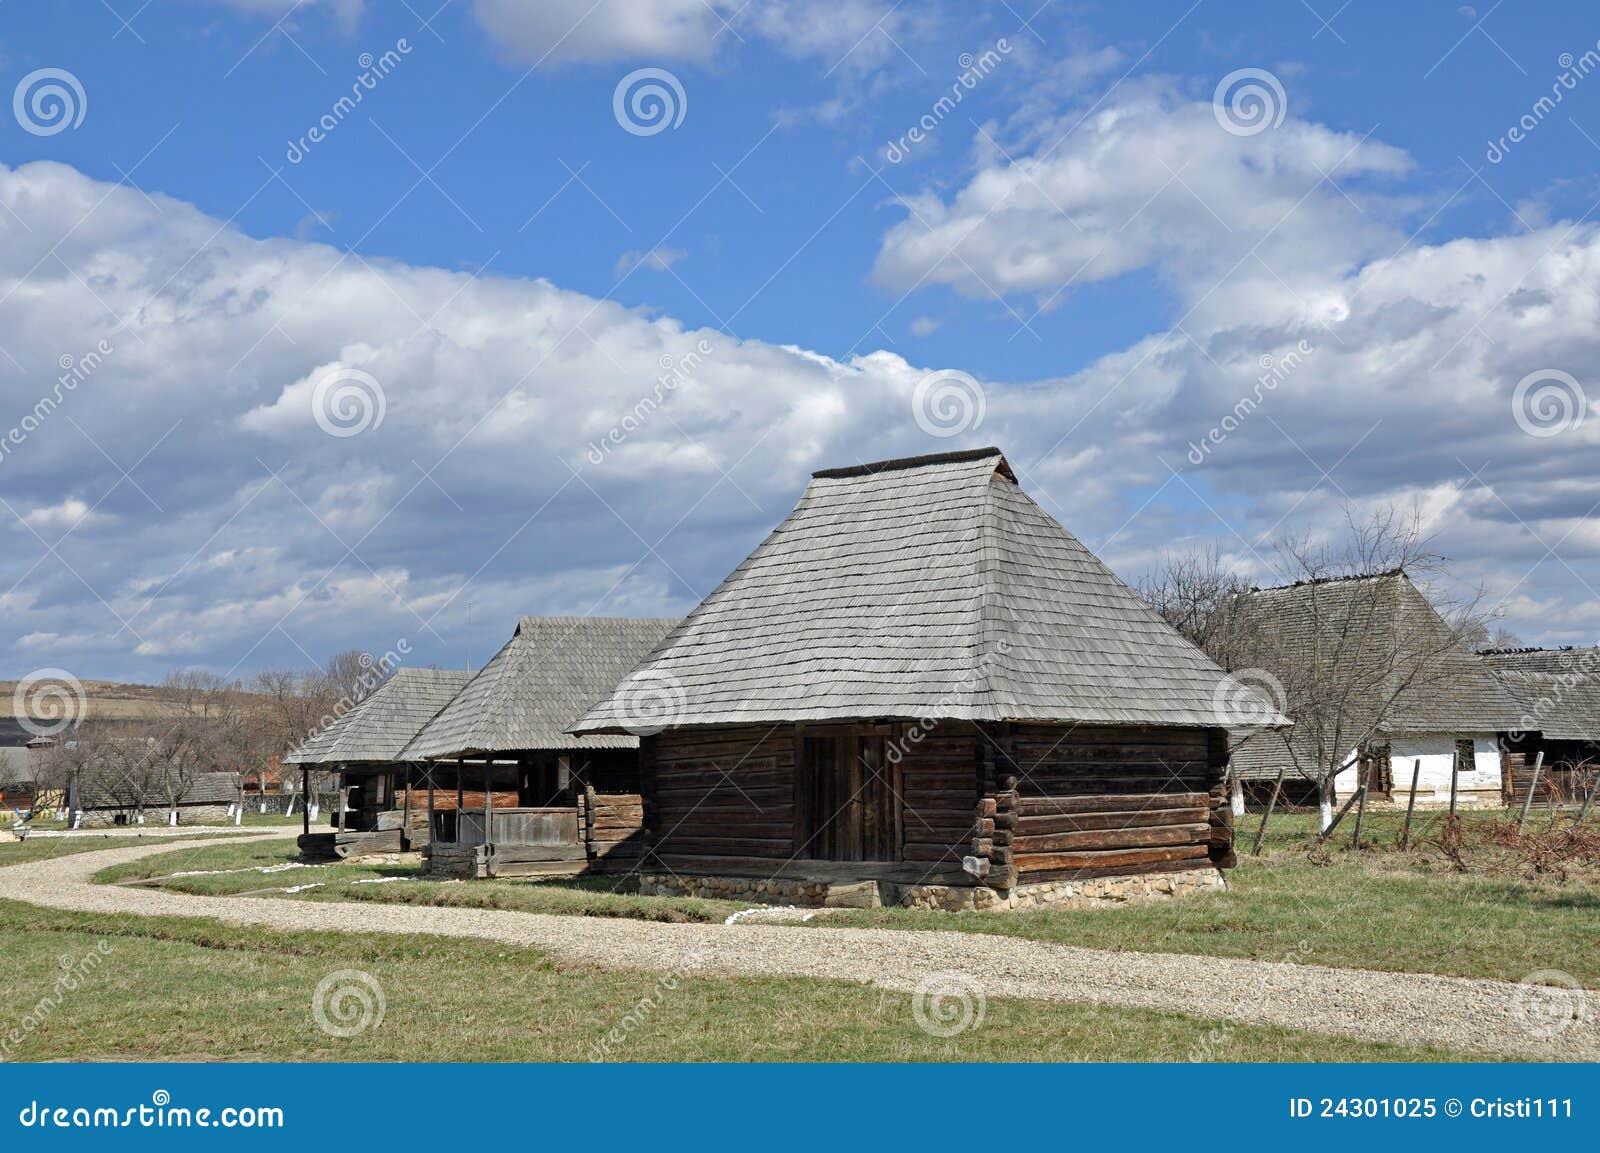 Sun rural